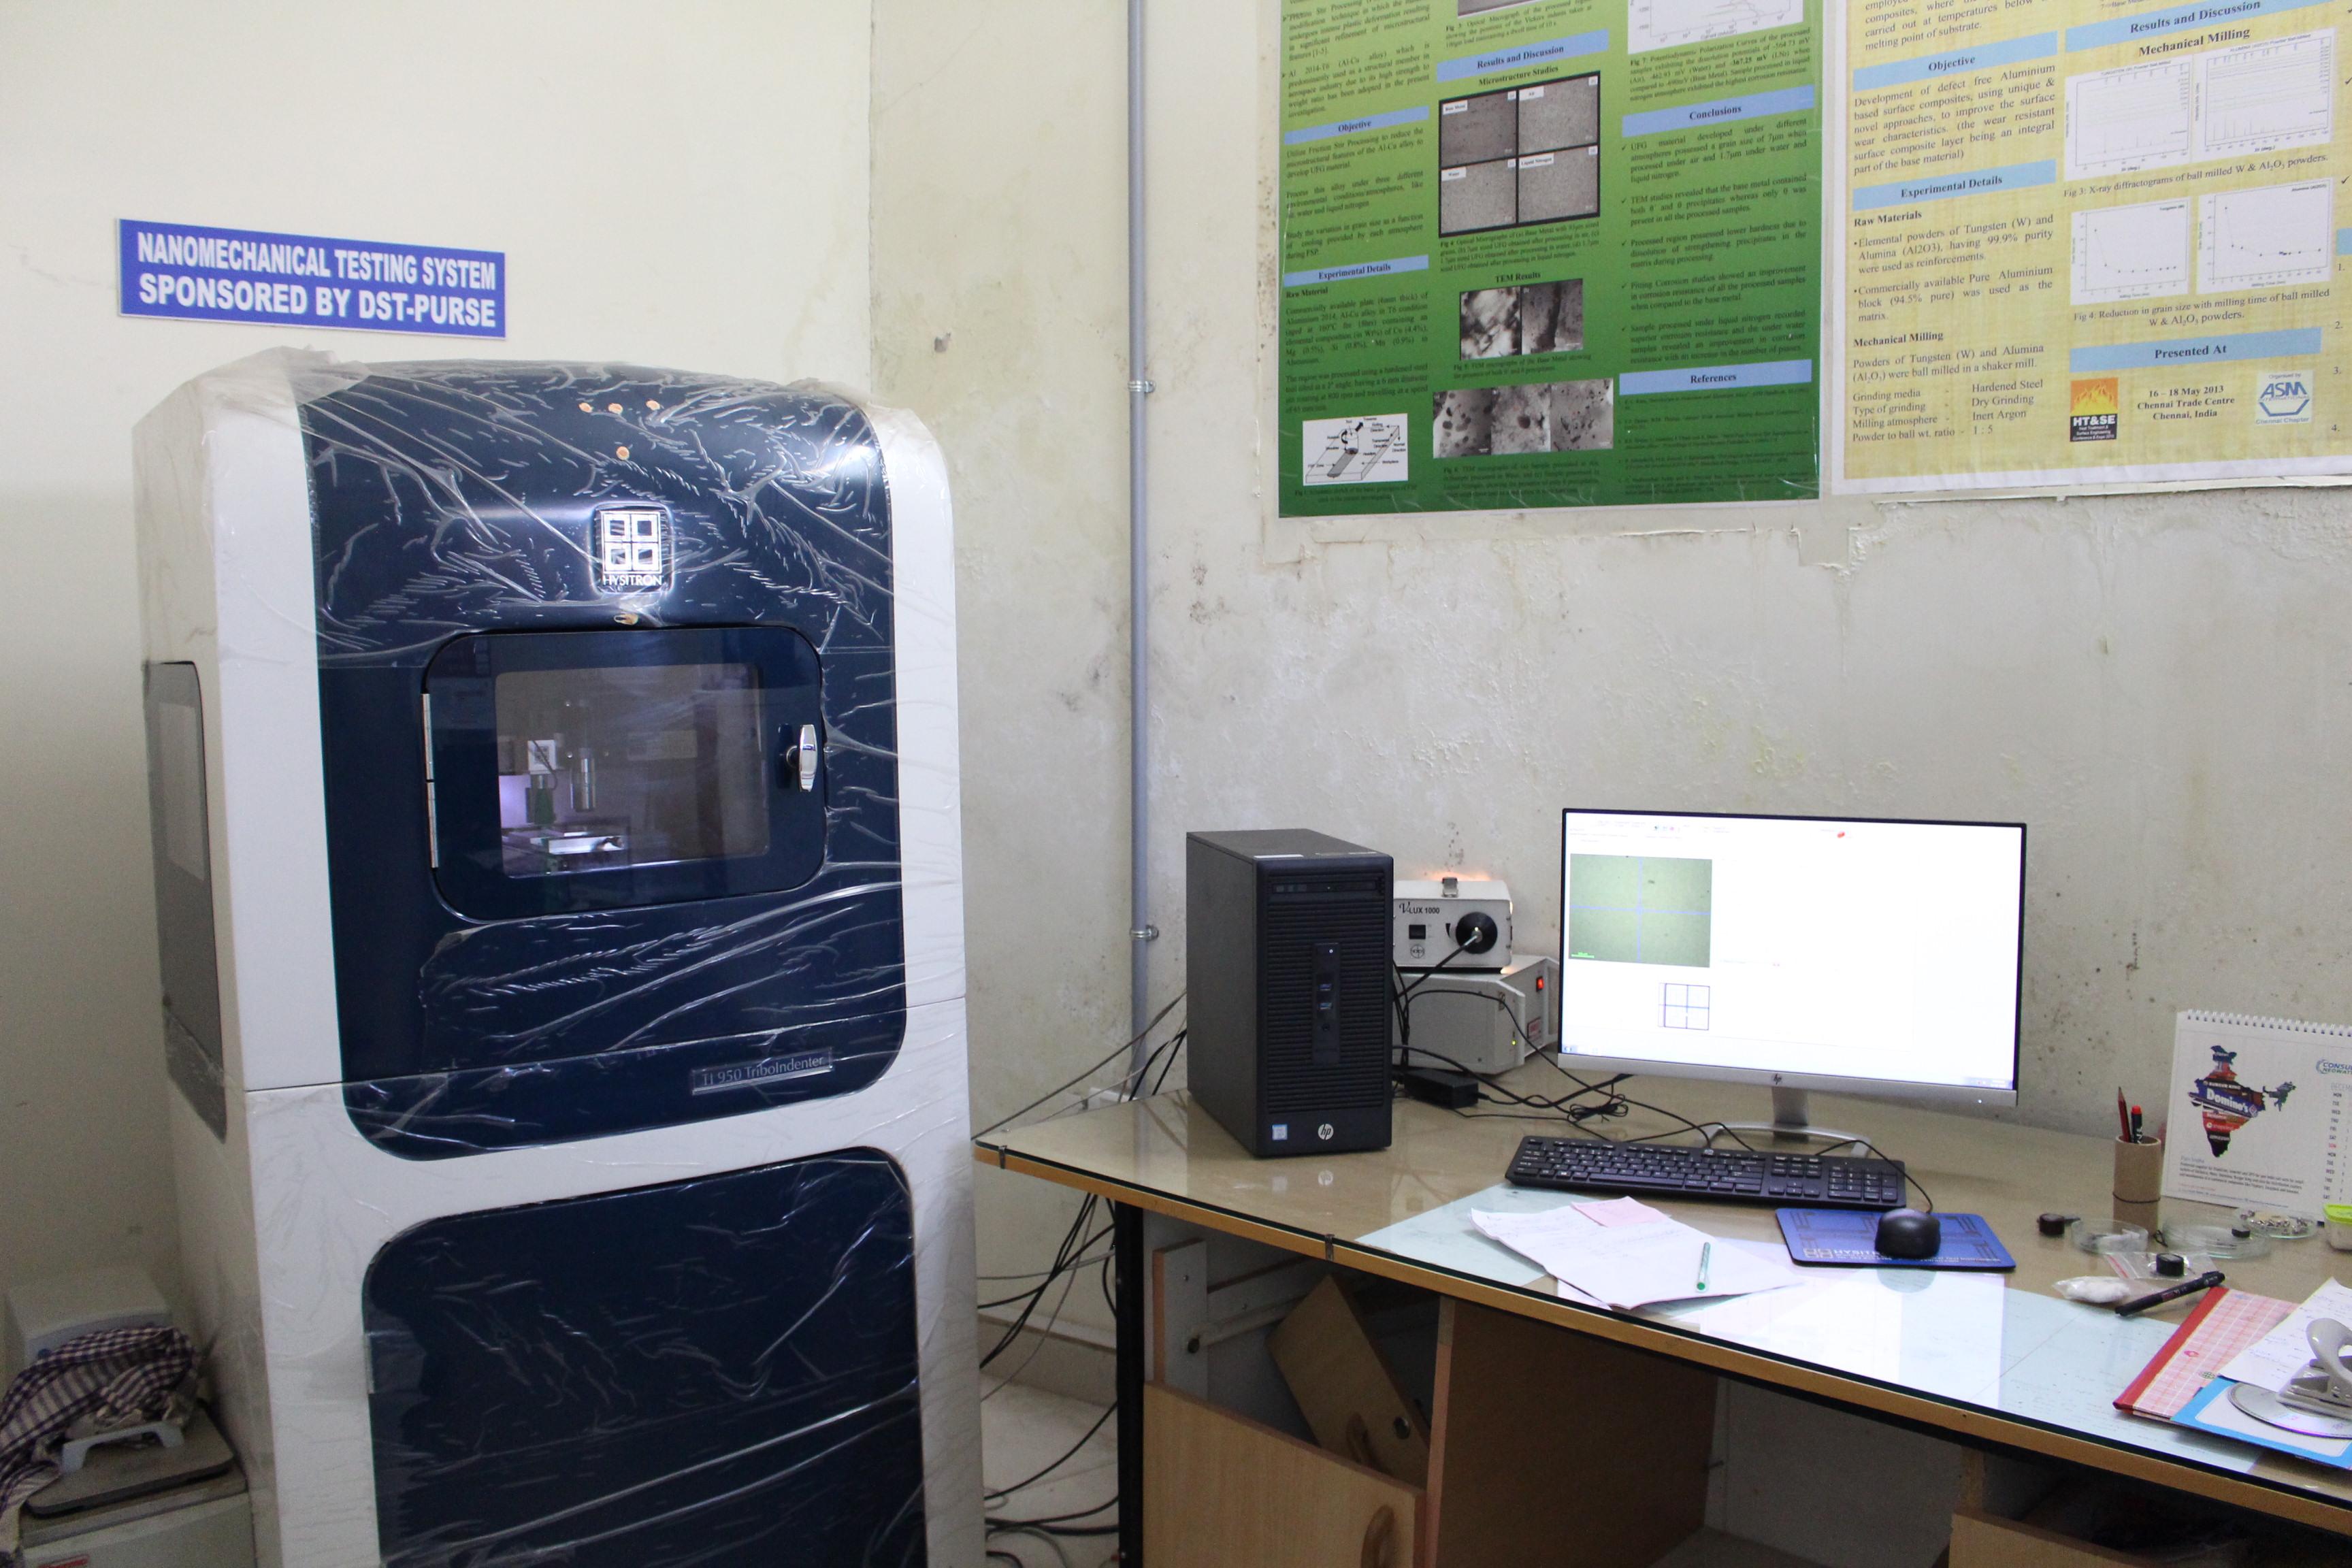 Nanoindentation Test System